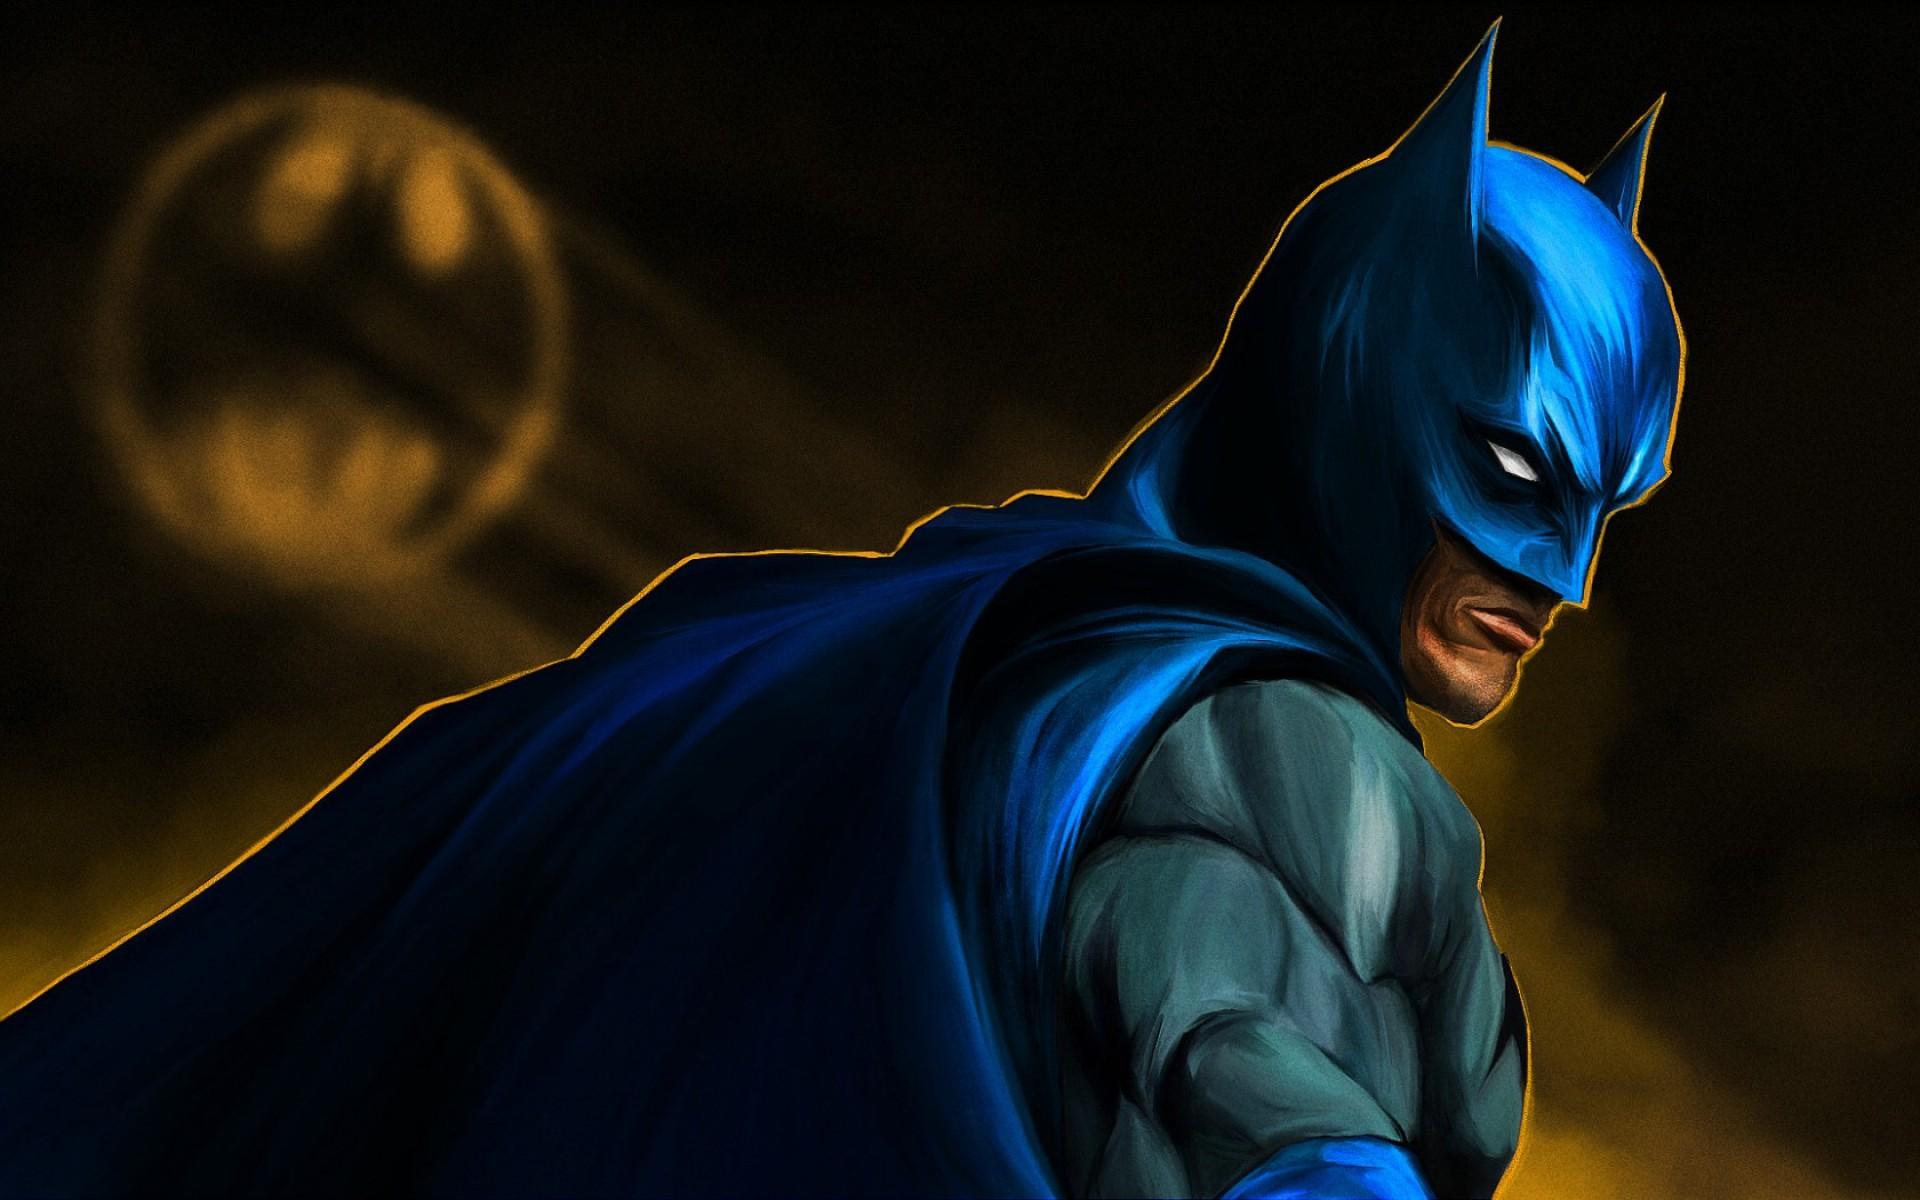 dc comics superhero comics batman concept art